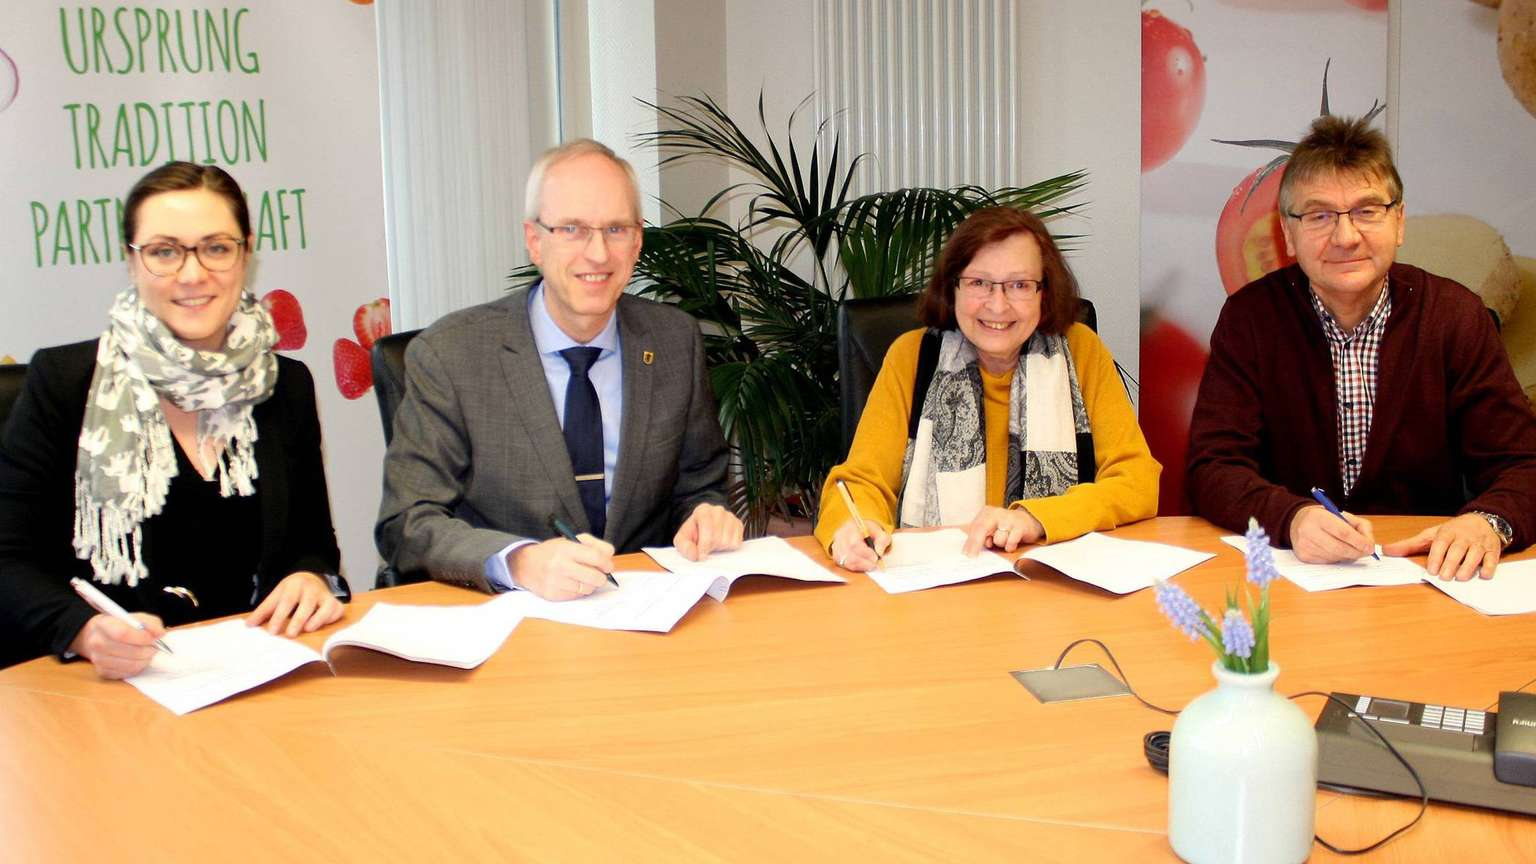 Fotoquelle: Kreiszeitung.de | Wilke | Lernpartnerschaft besiegelt (v.l.): Verena Beck, Wolfram van Lessen, Andrea Formella und Laurenz Meyer.